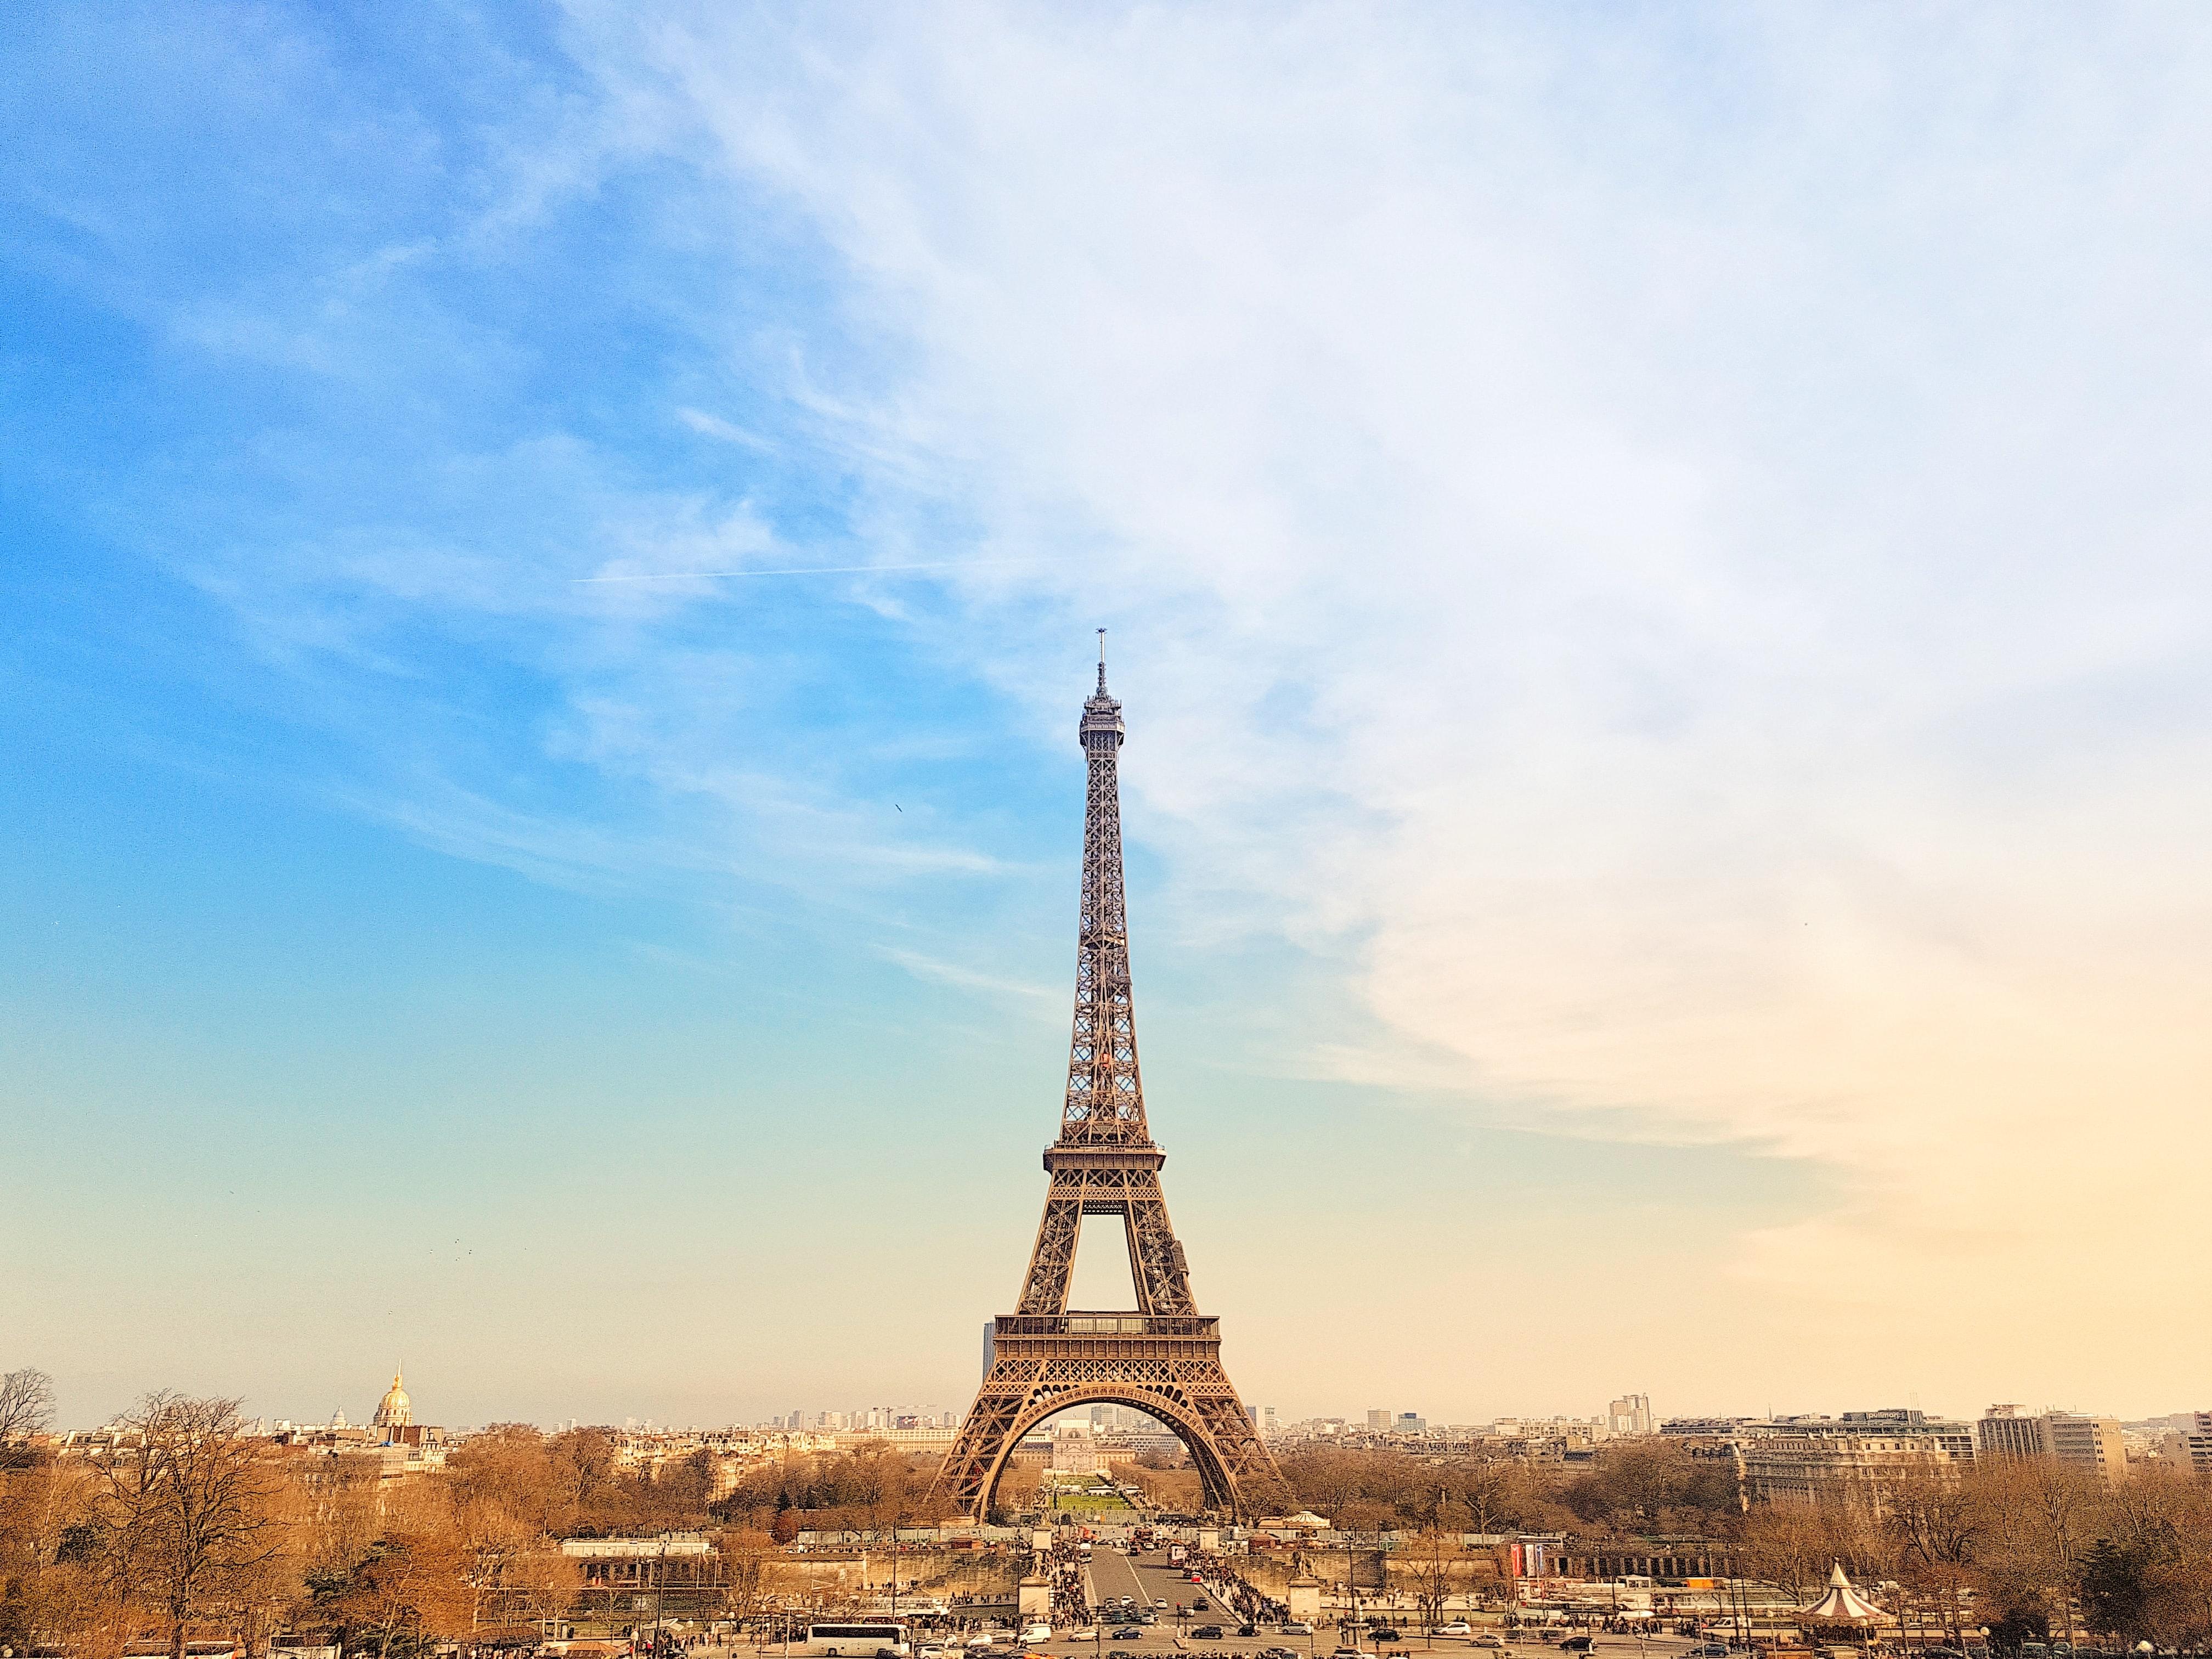 フランス・パリへの入国制限解除、緩和情報まとめ【2020年8月情報】